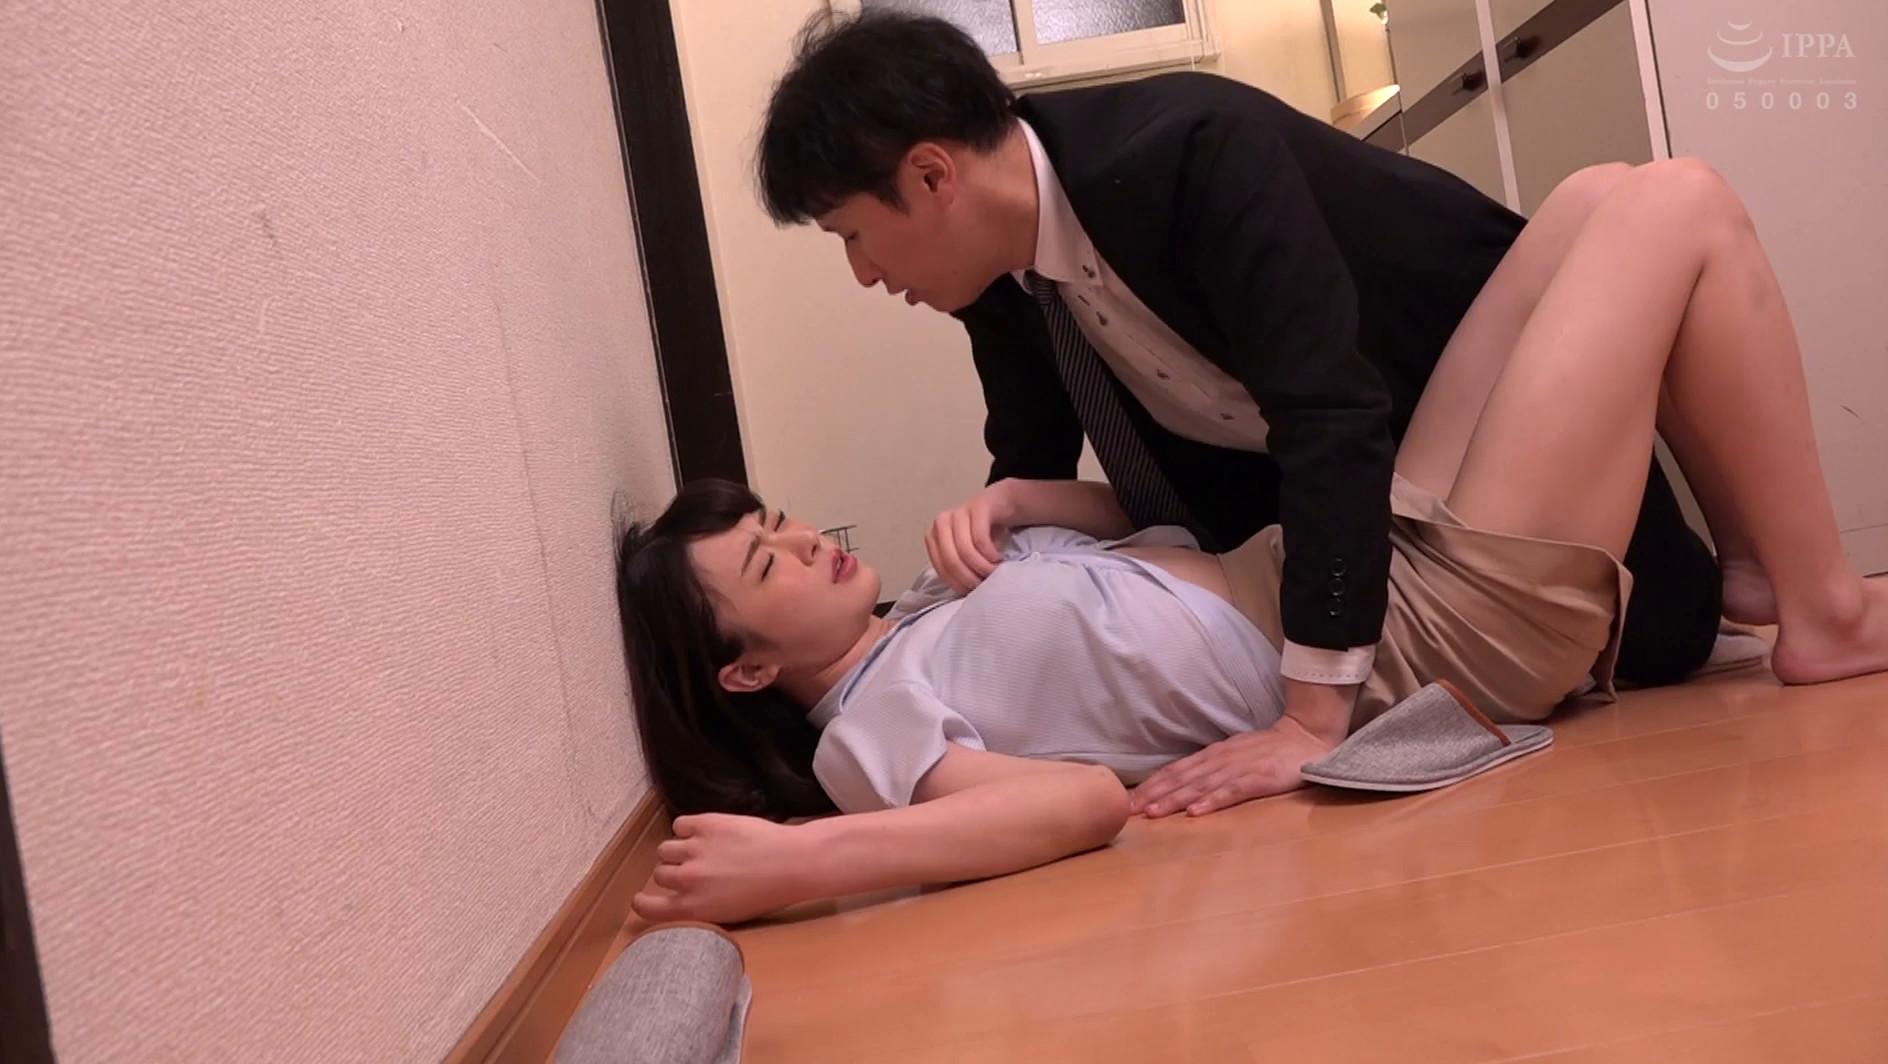 泥酔した先輩を家まで送ったが、玄関で横たわって寝ているエロい姿に耐え切れずそのままチ●ポをぶち込む中出し玄関SEX!! 画像16